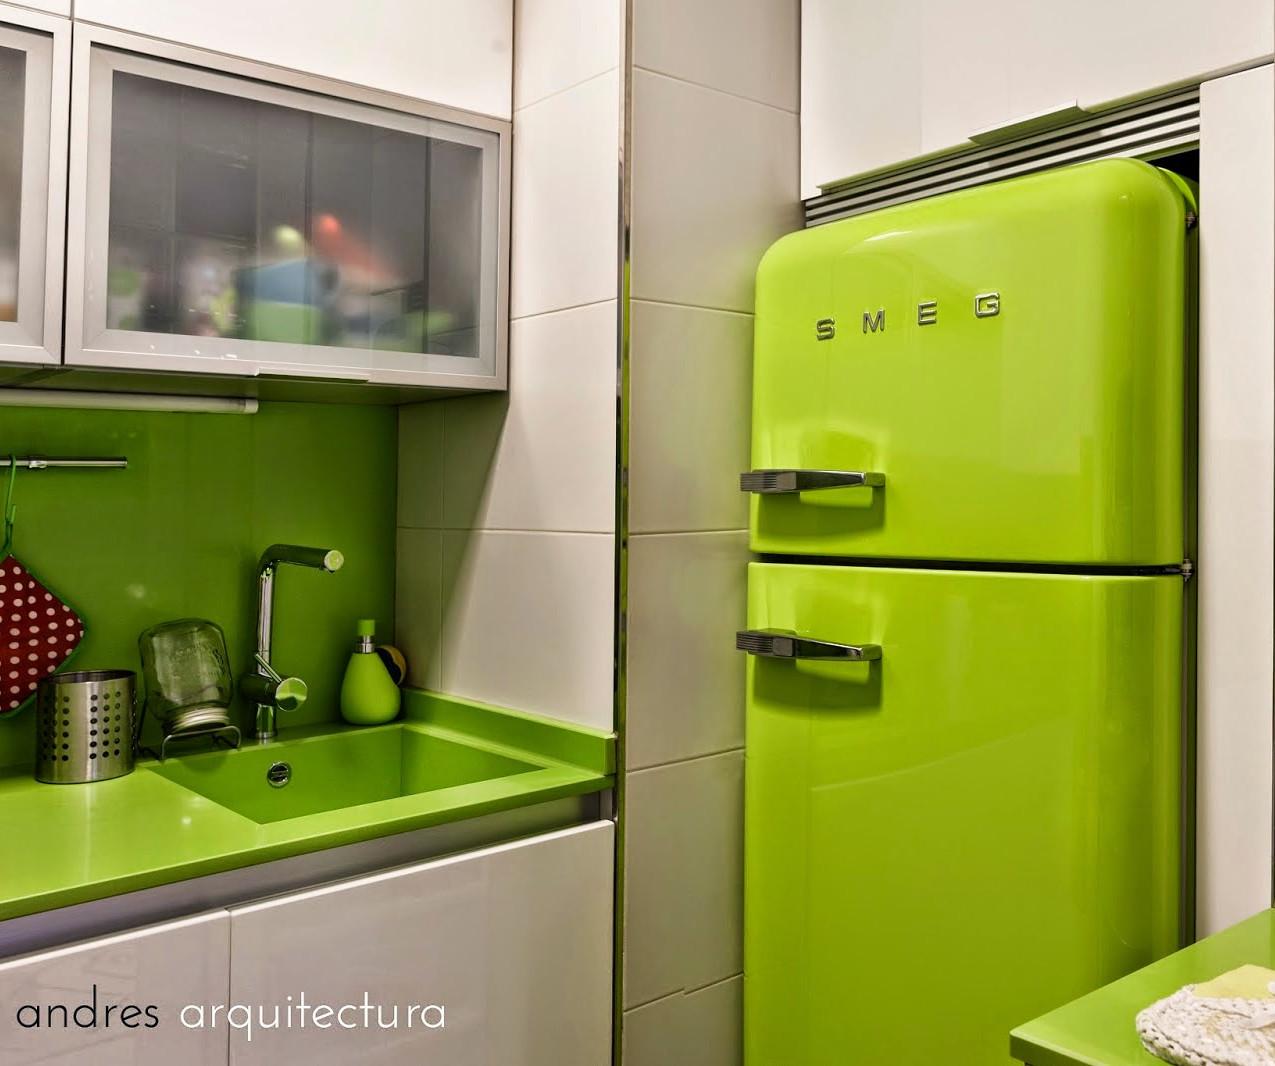 cocina frigo smeg verde pistacho blanco vintage 30 mts